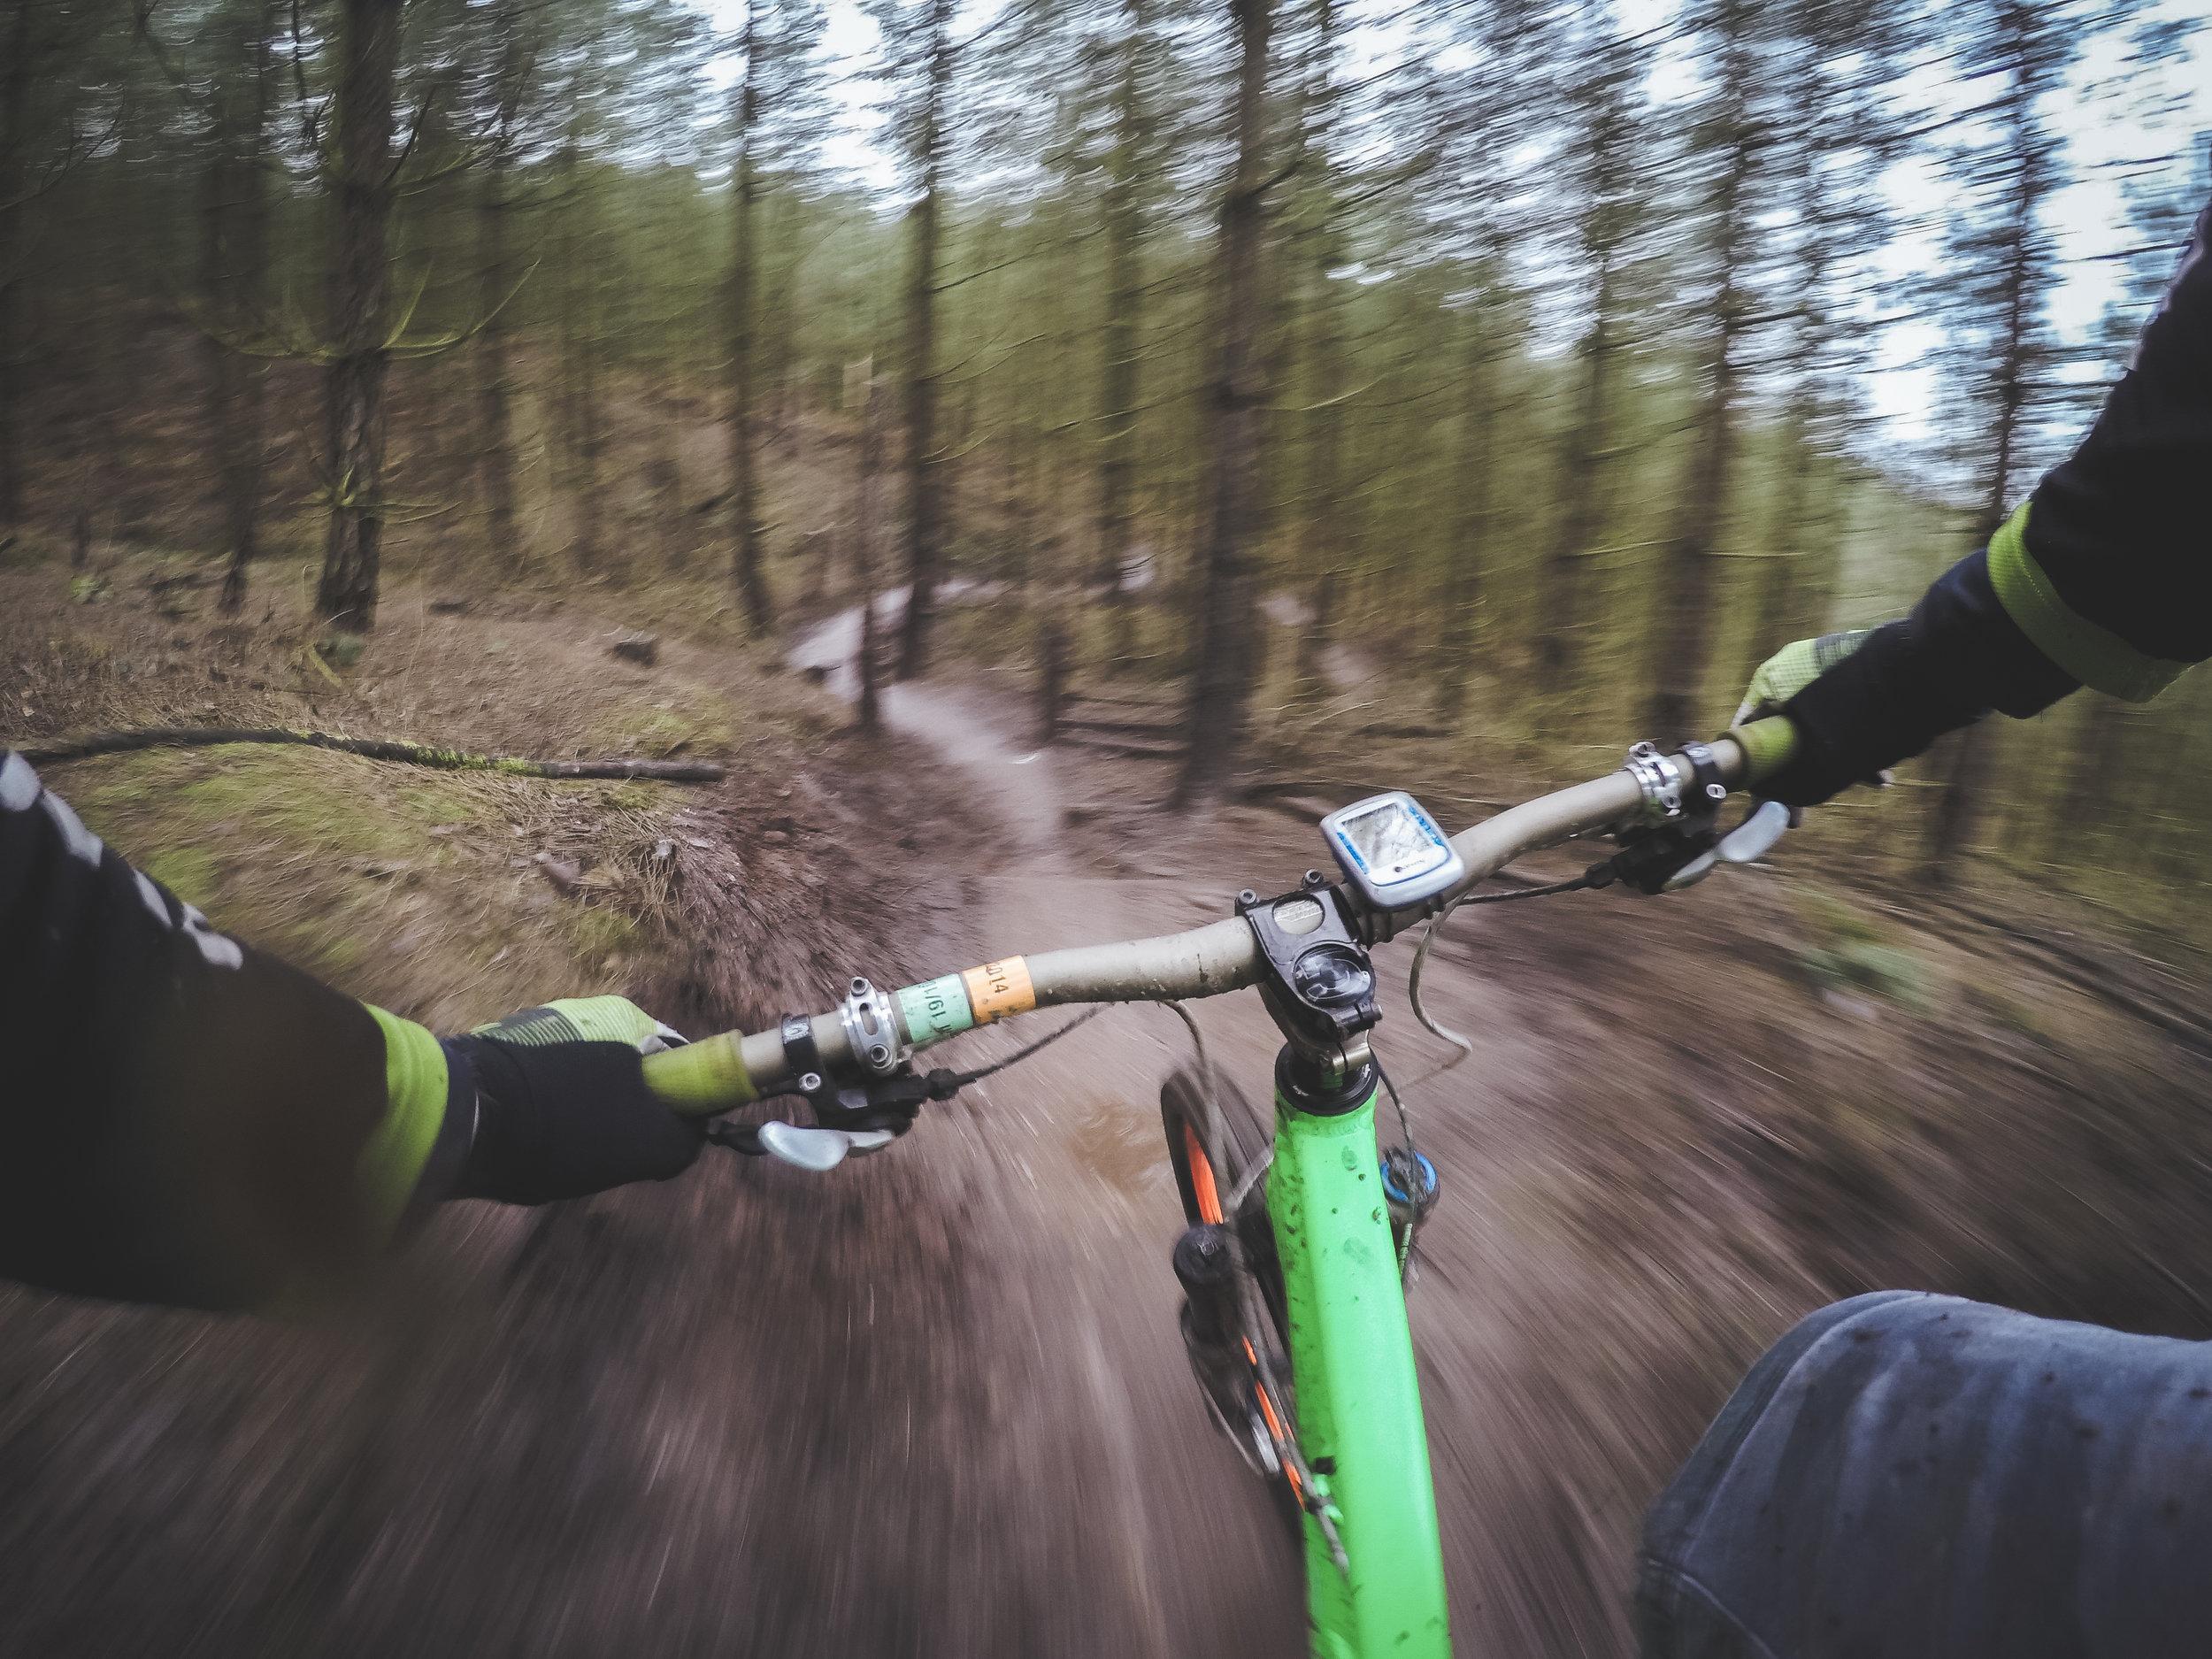 Cycling (10-12 MPH) = Moderate Intensity